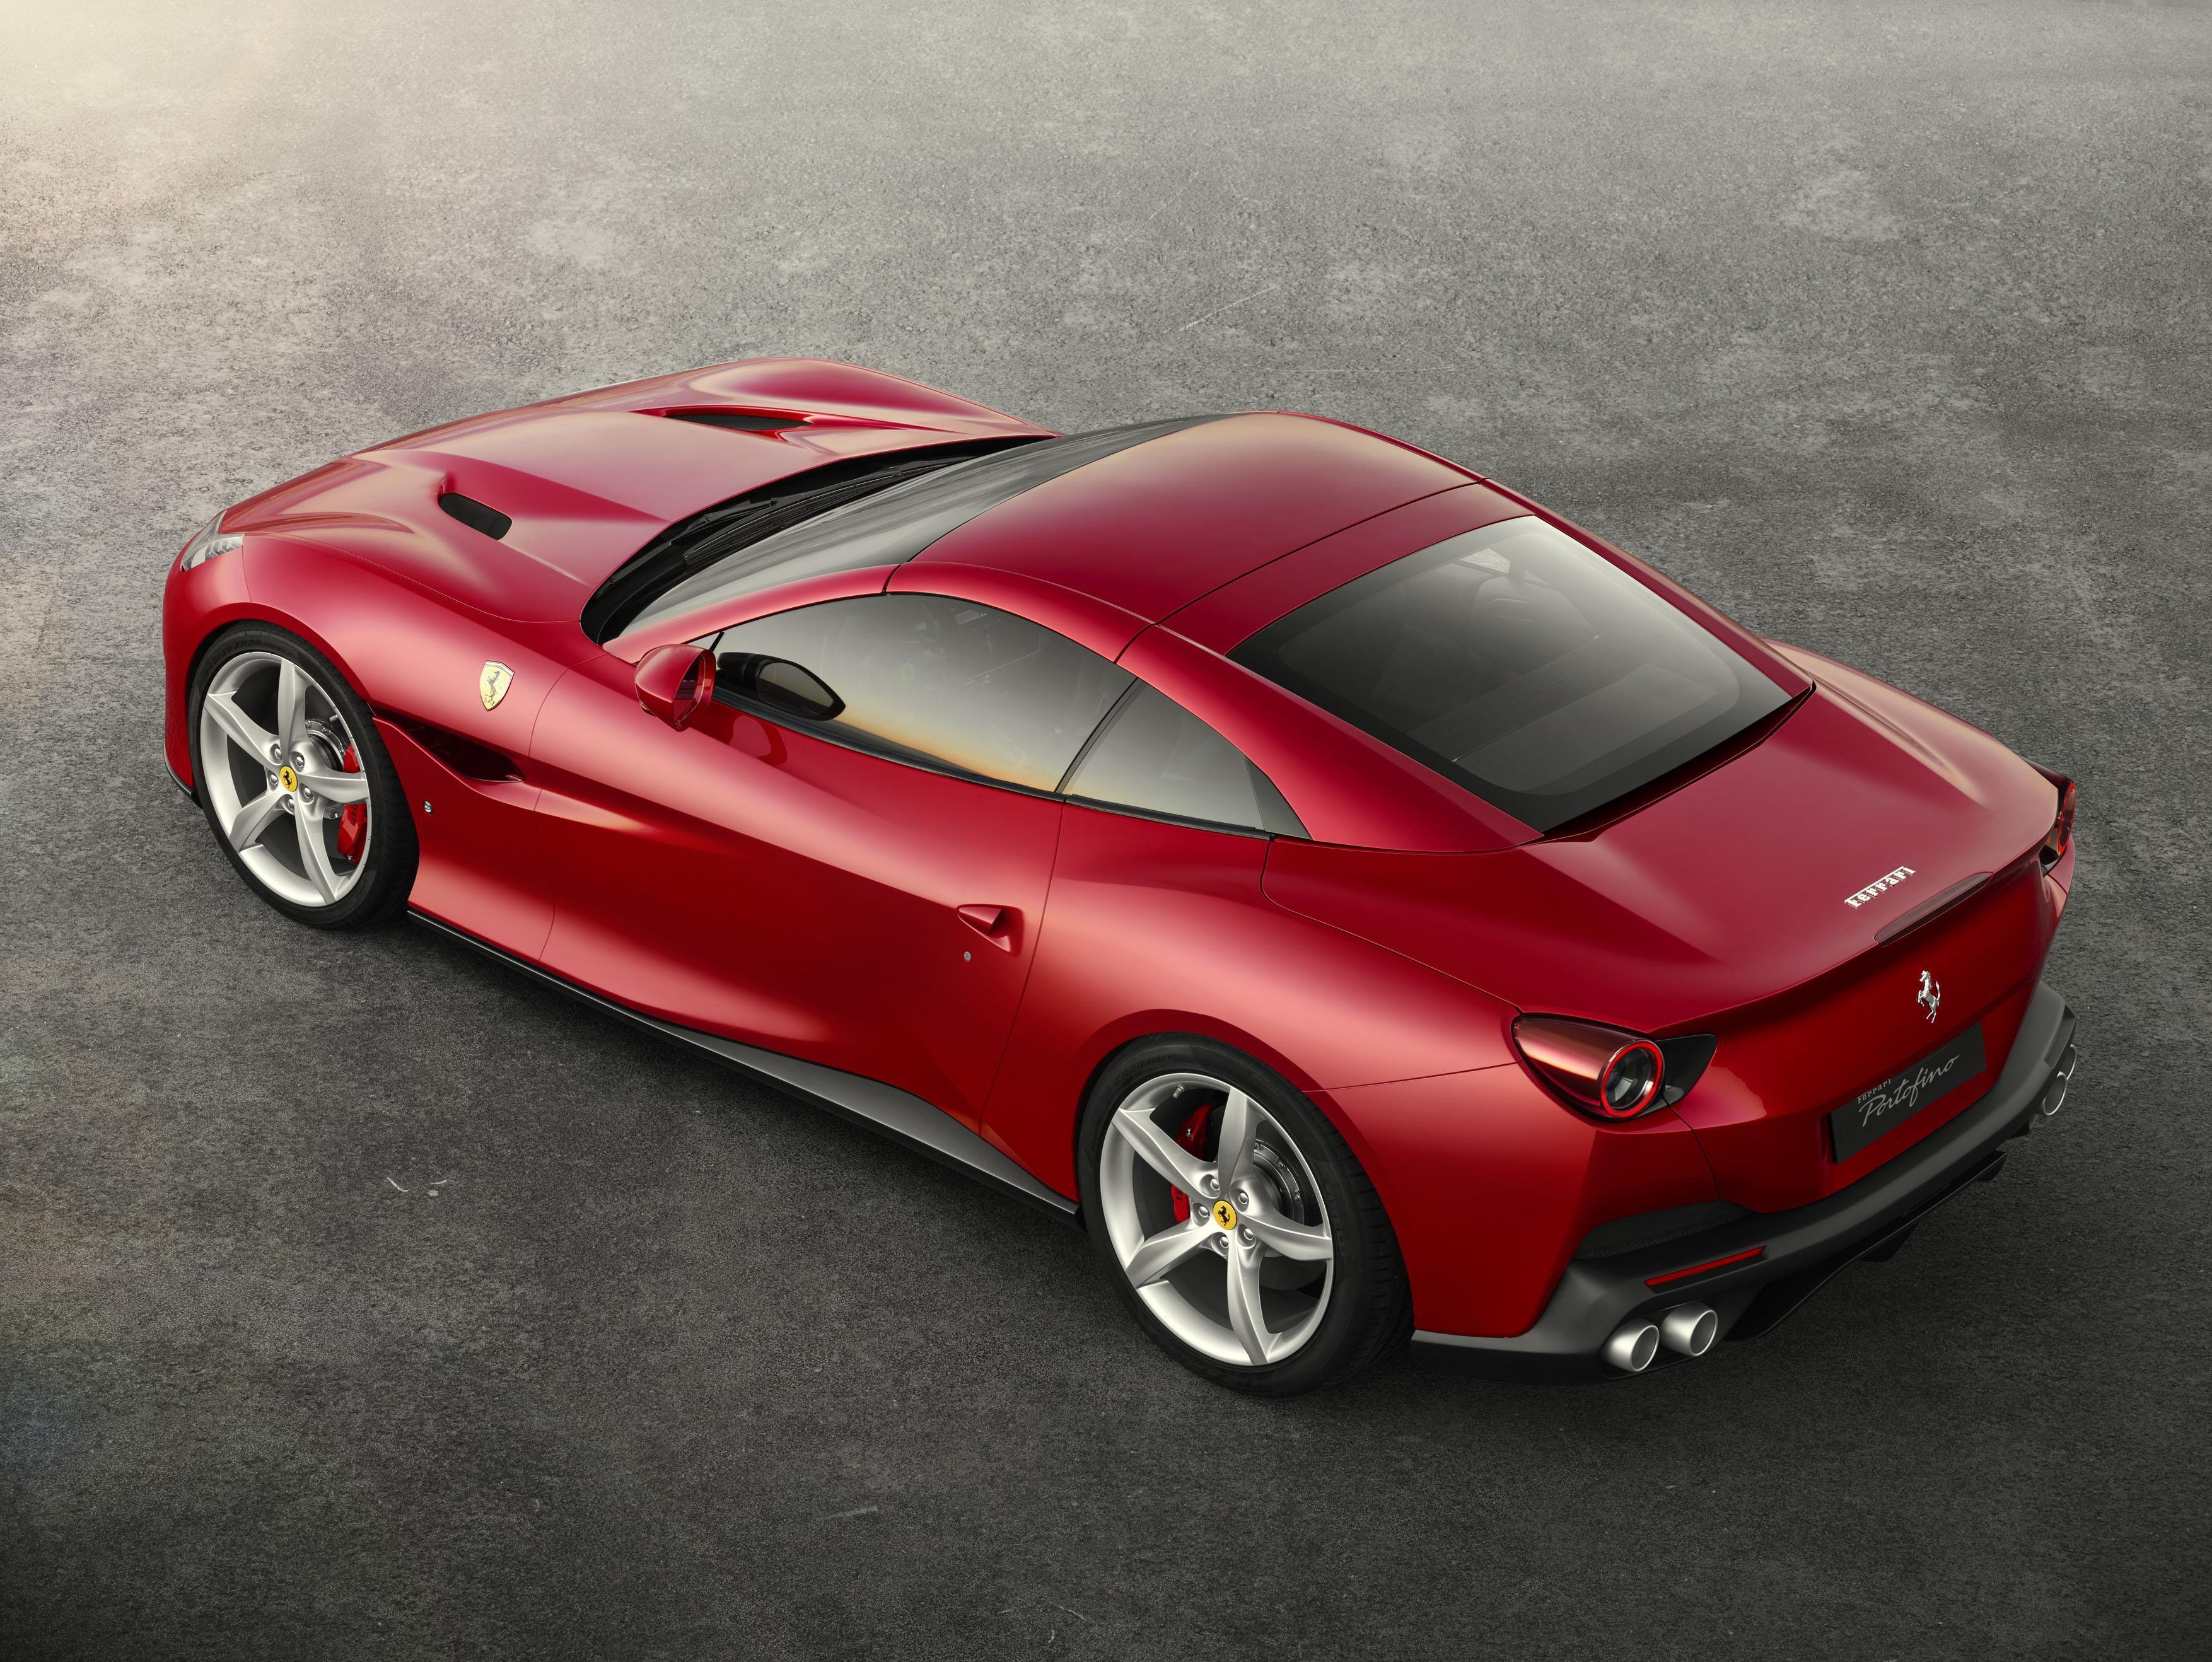 The Ferrari Portofino revealed